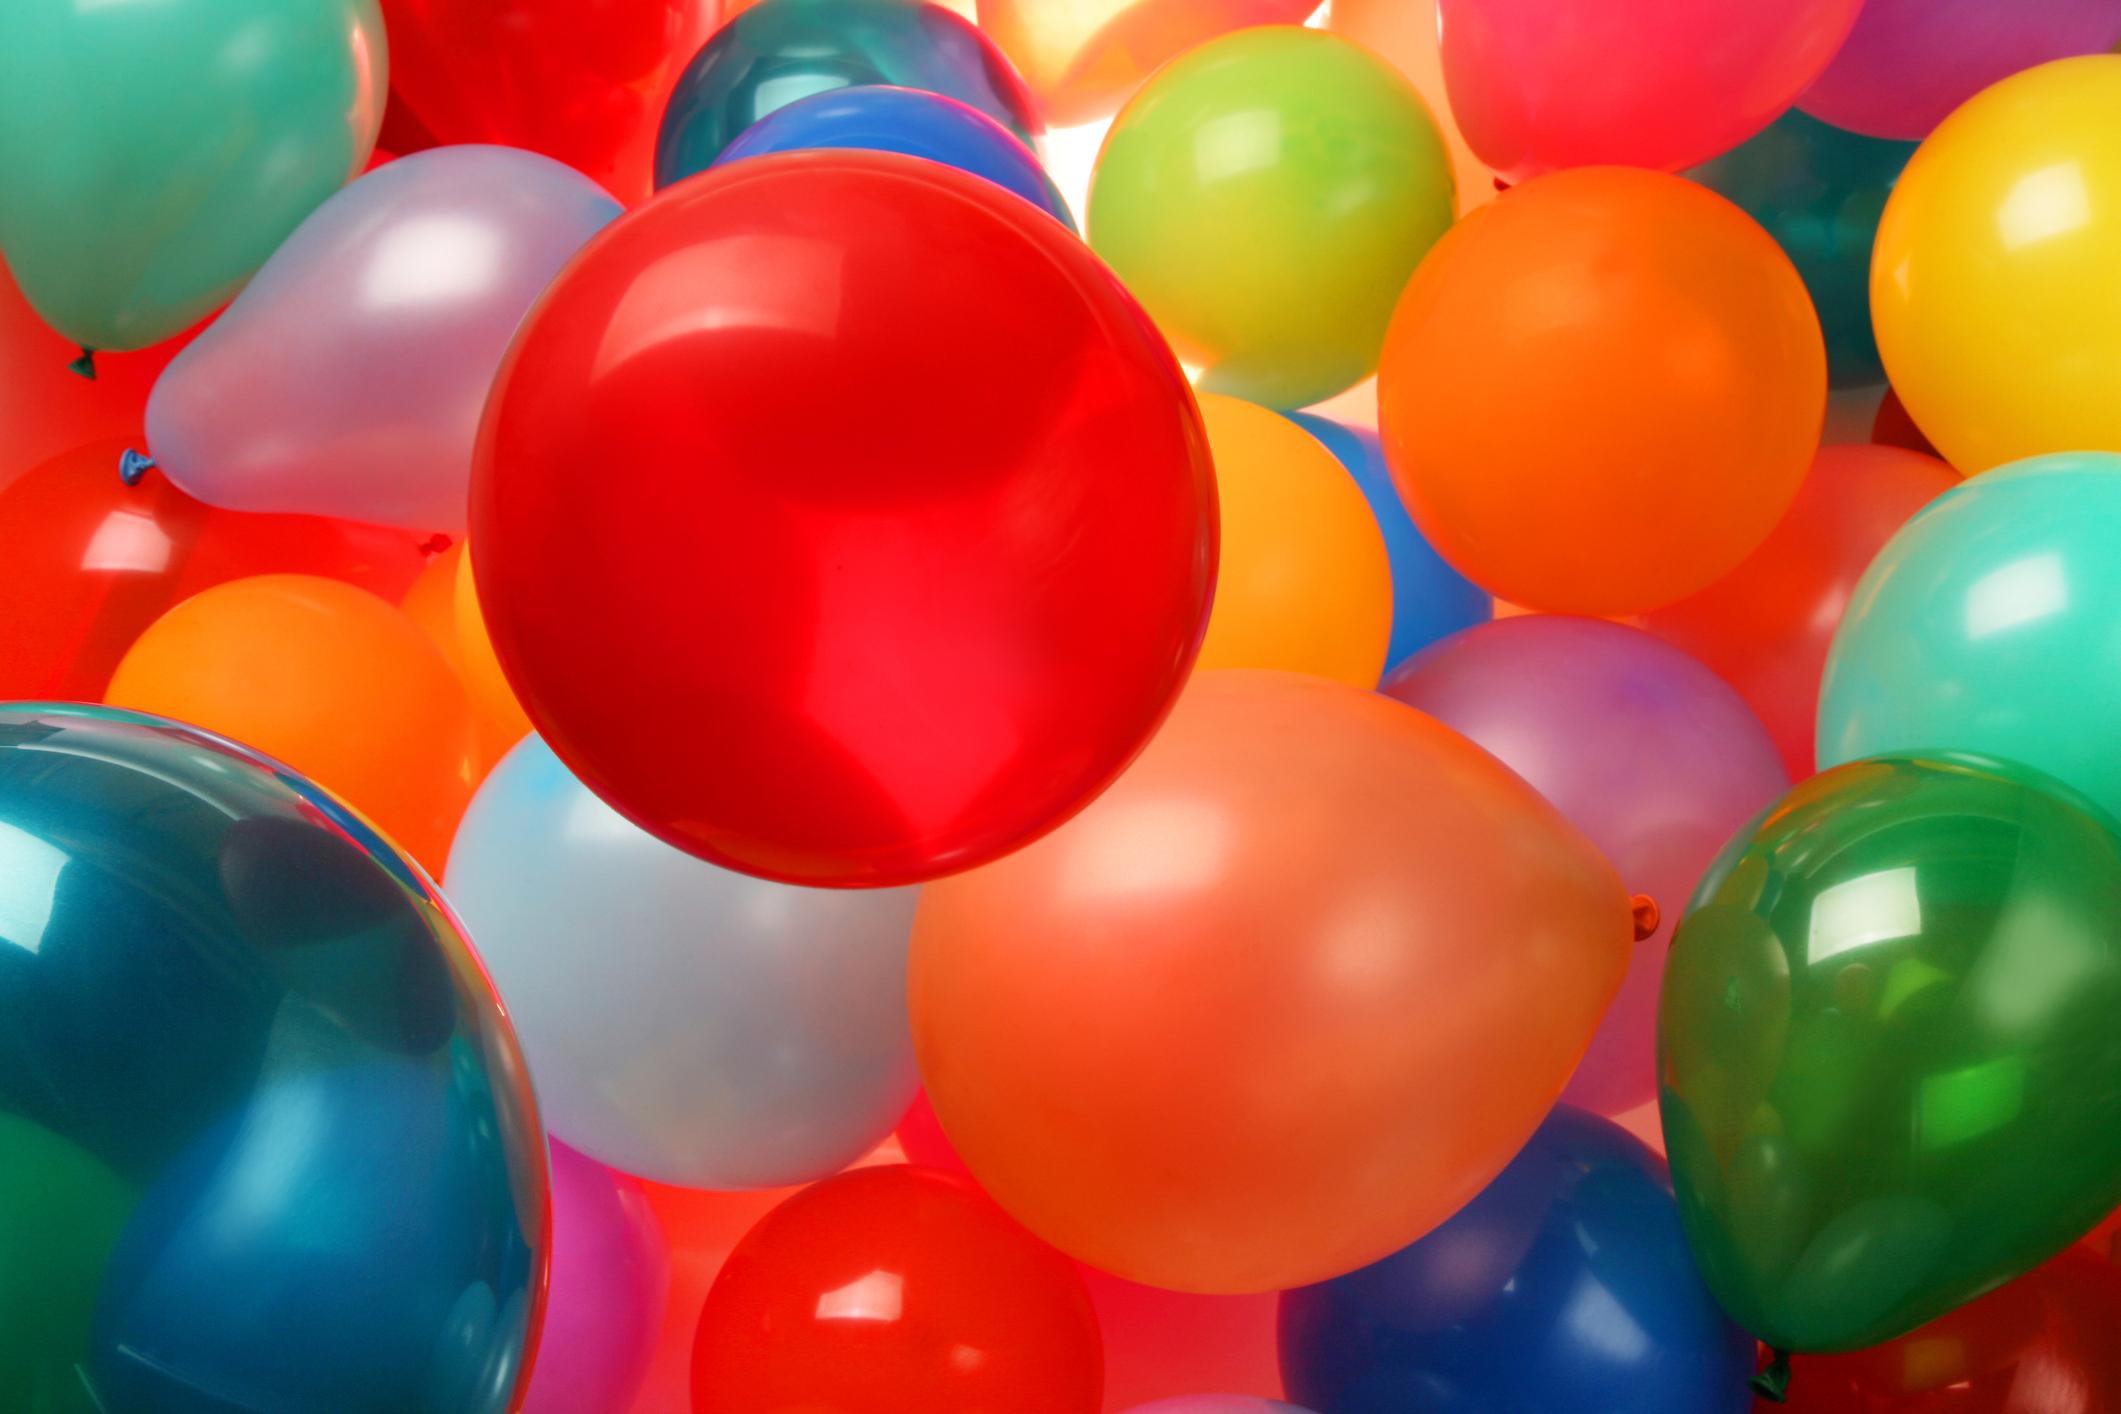 The Balloon Game